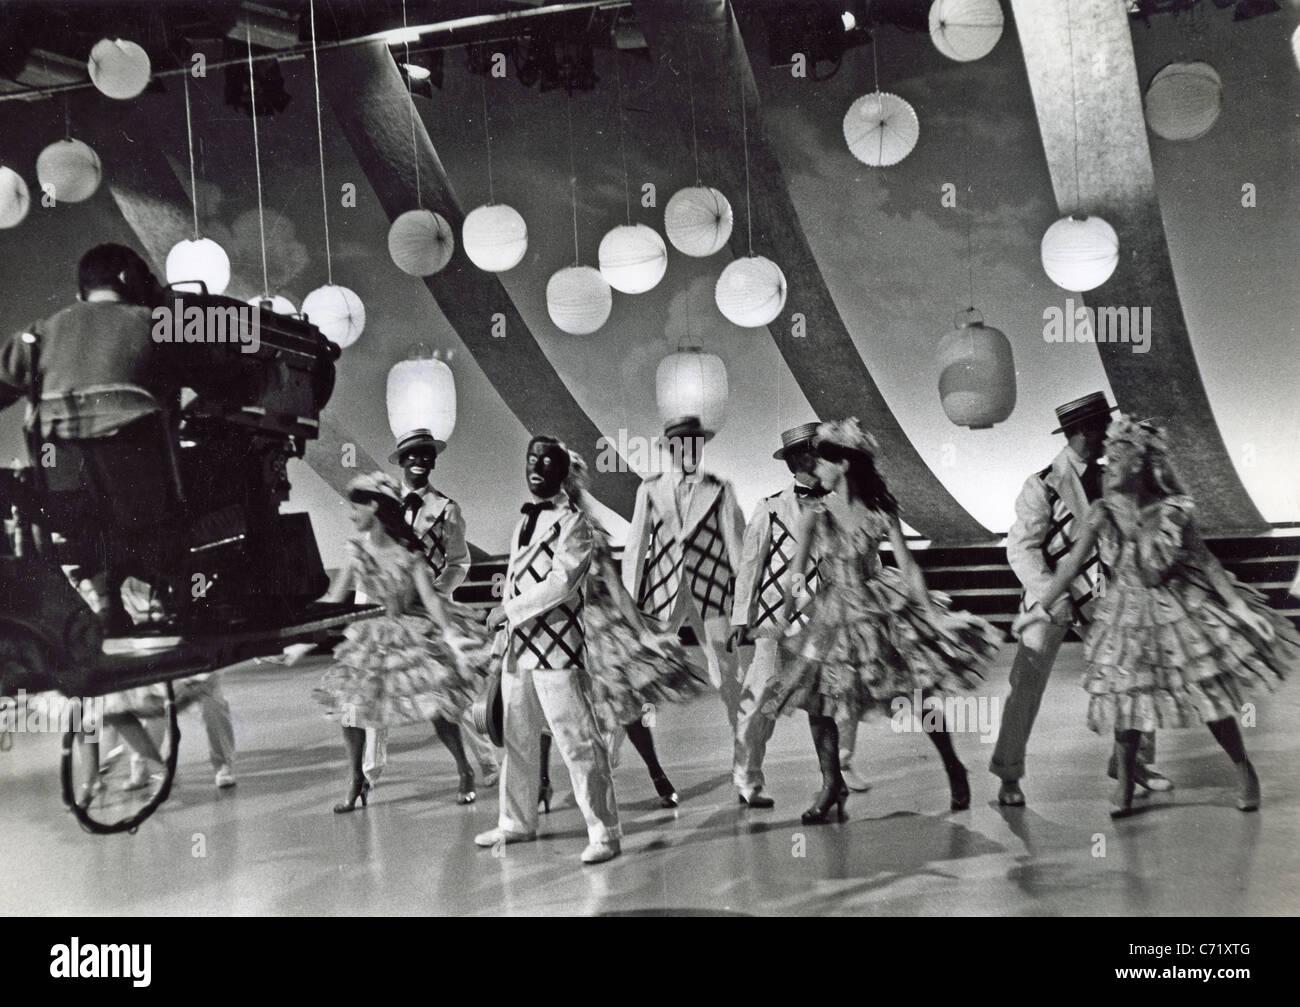 George mitchells minstrels noirs et blancs spectacle de variétés sur bbc tv 1960 photo stock